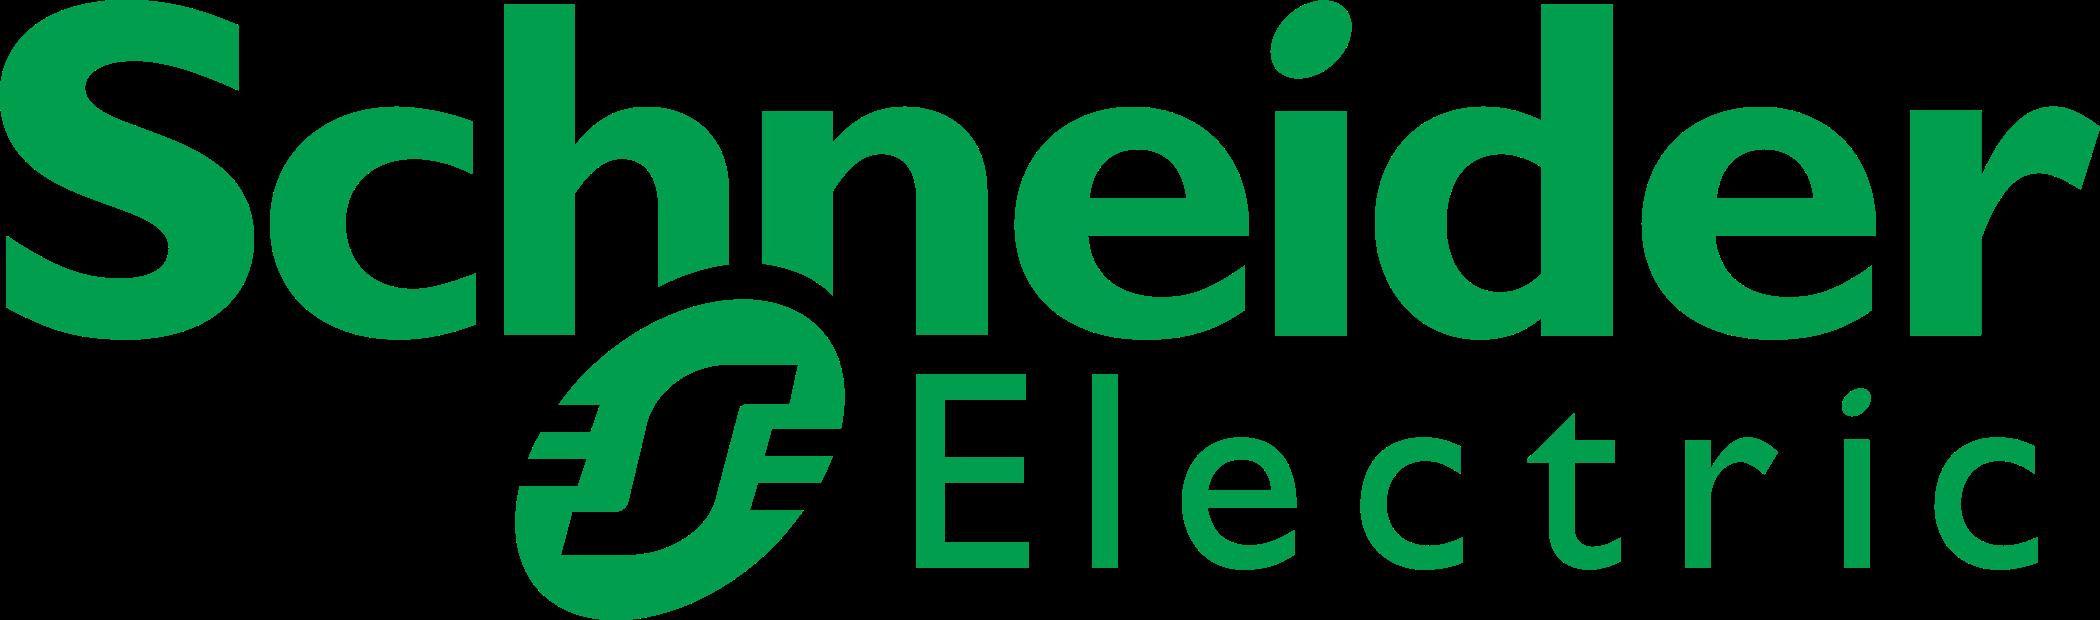 schneider logo 1 - Schneider Electric Logo